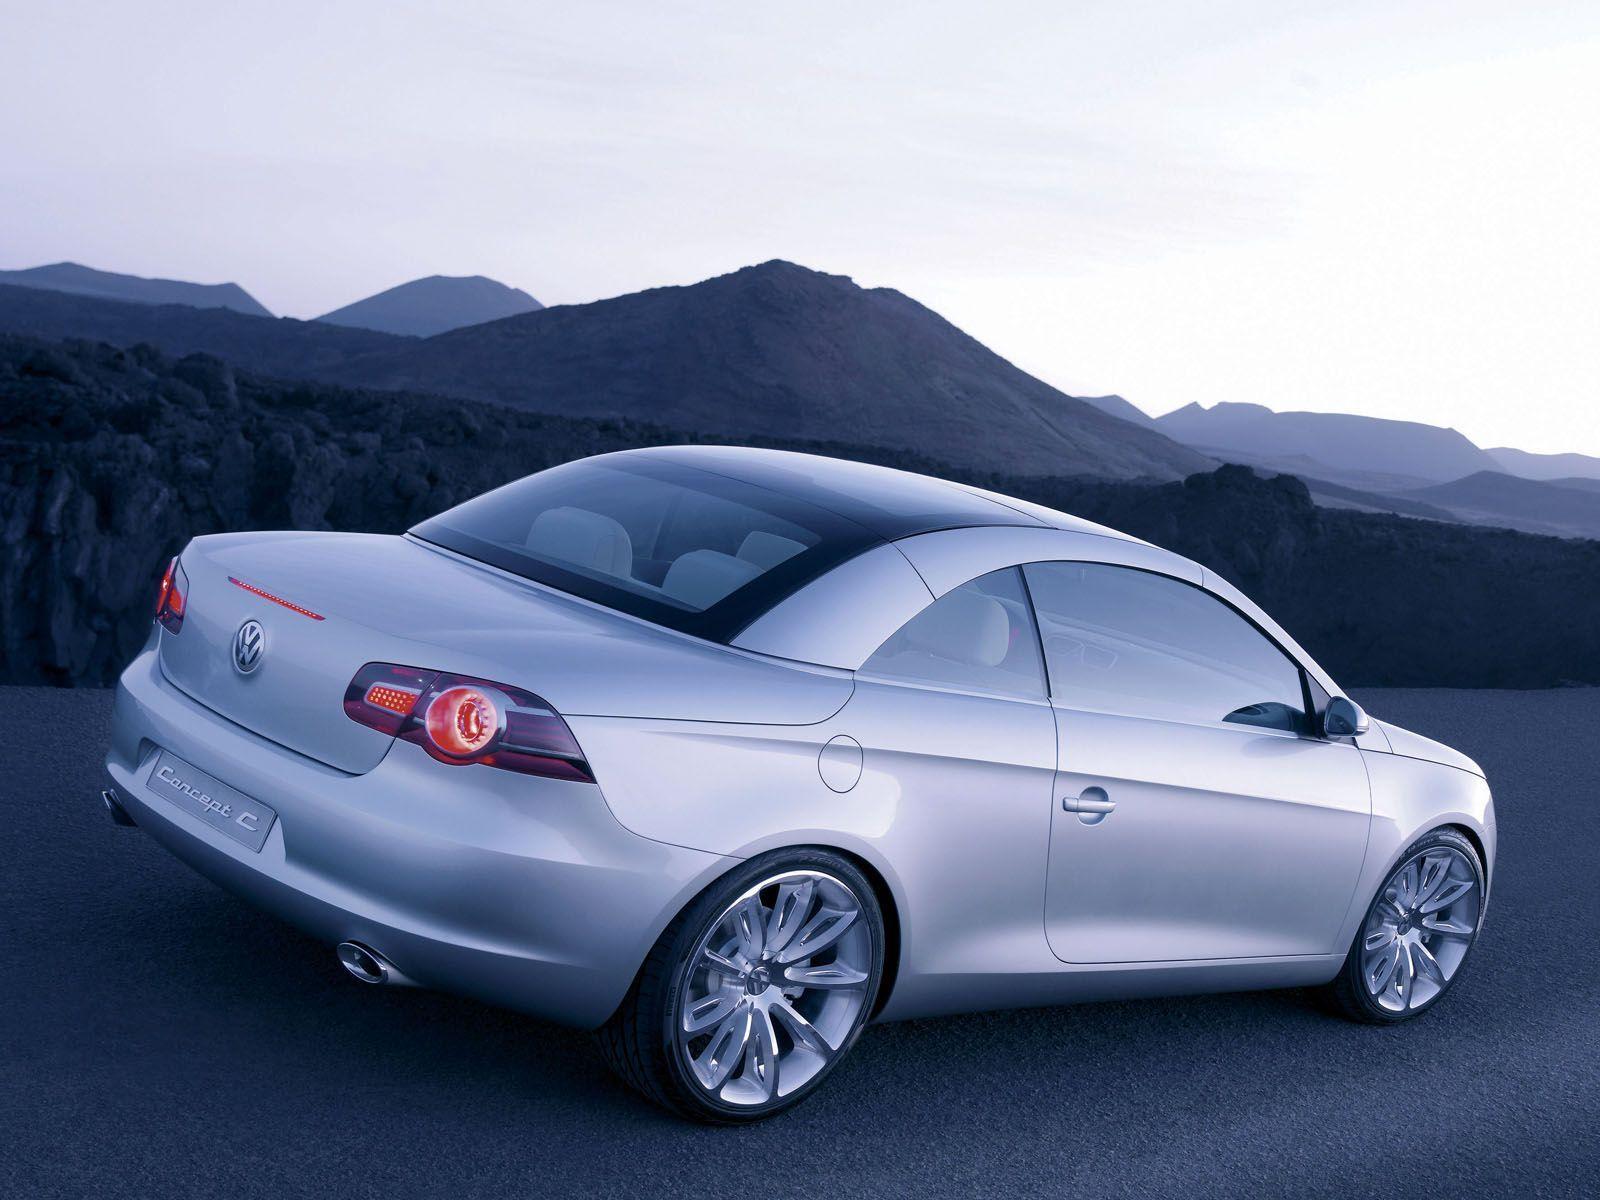 Volkswagen C concept